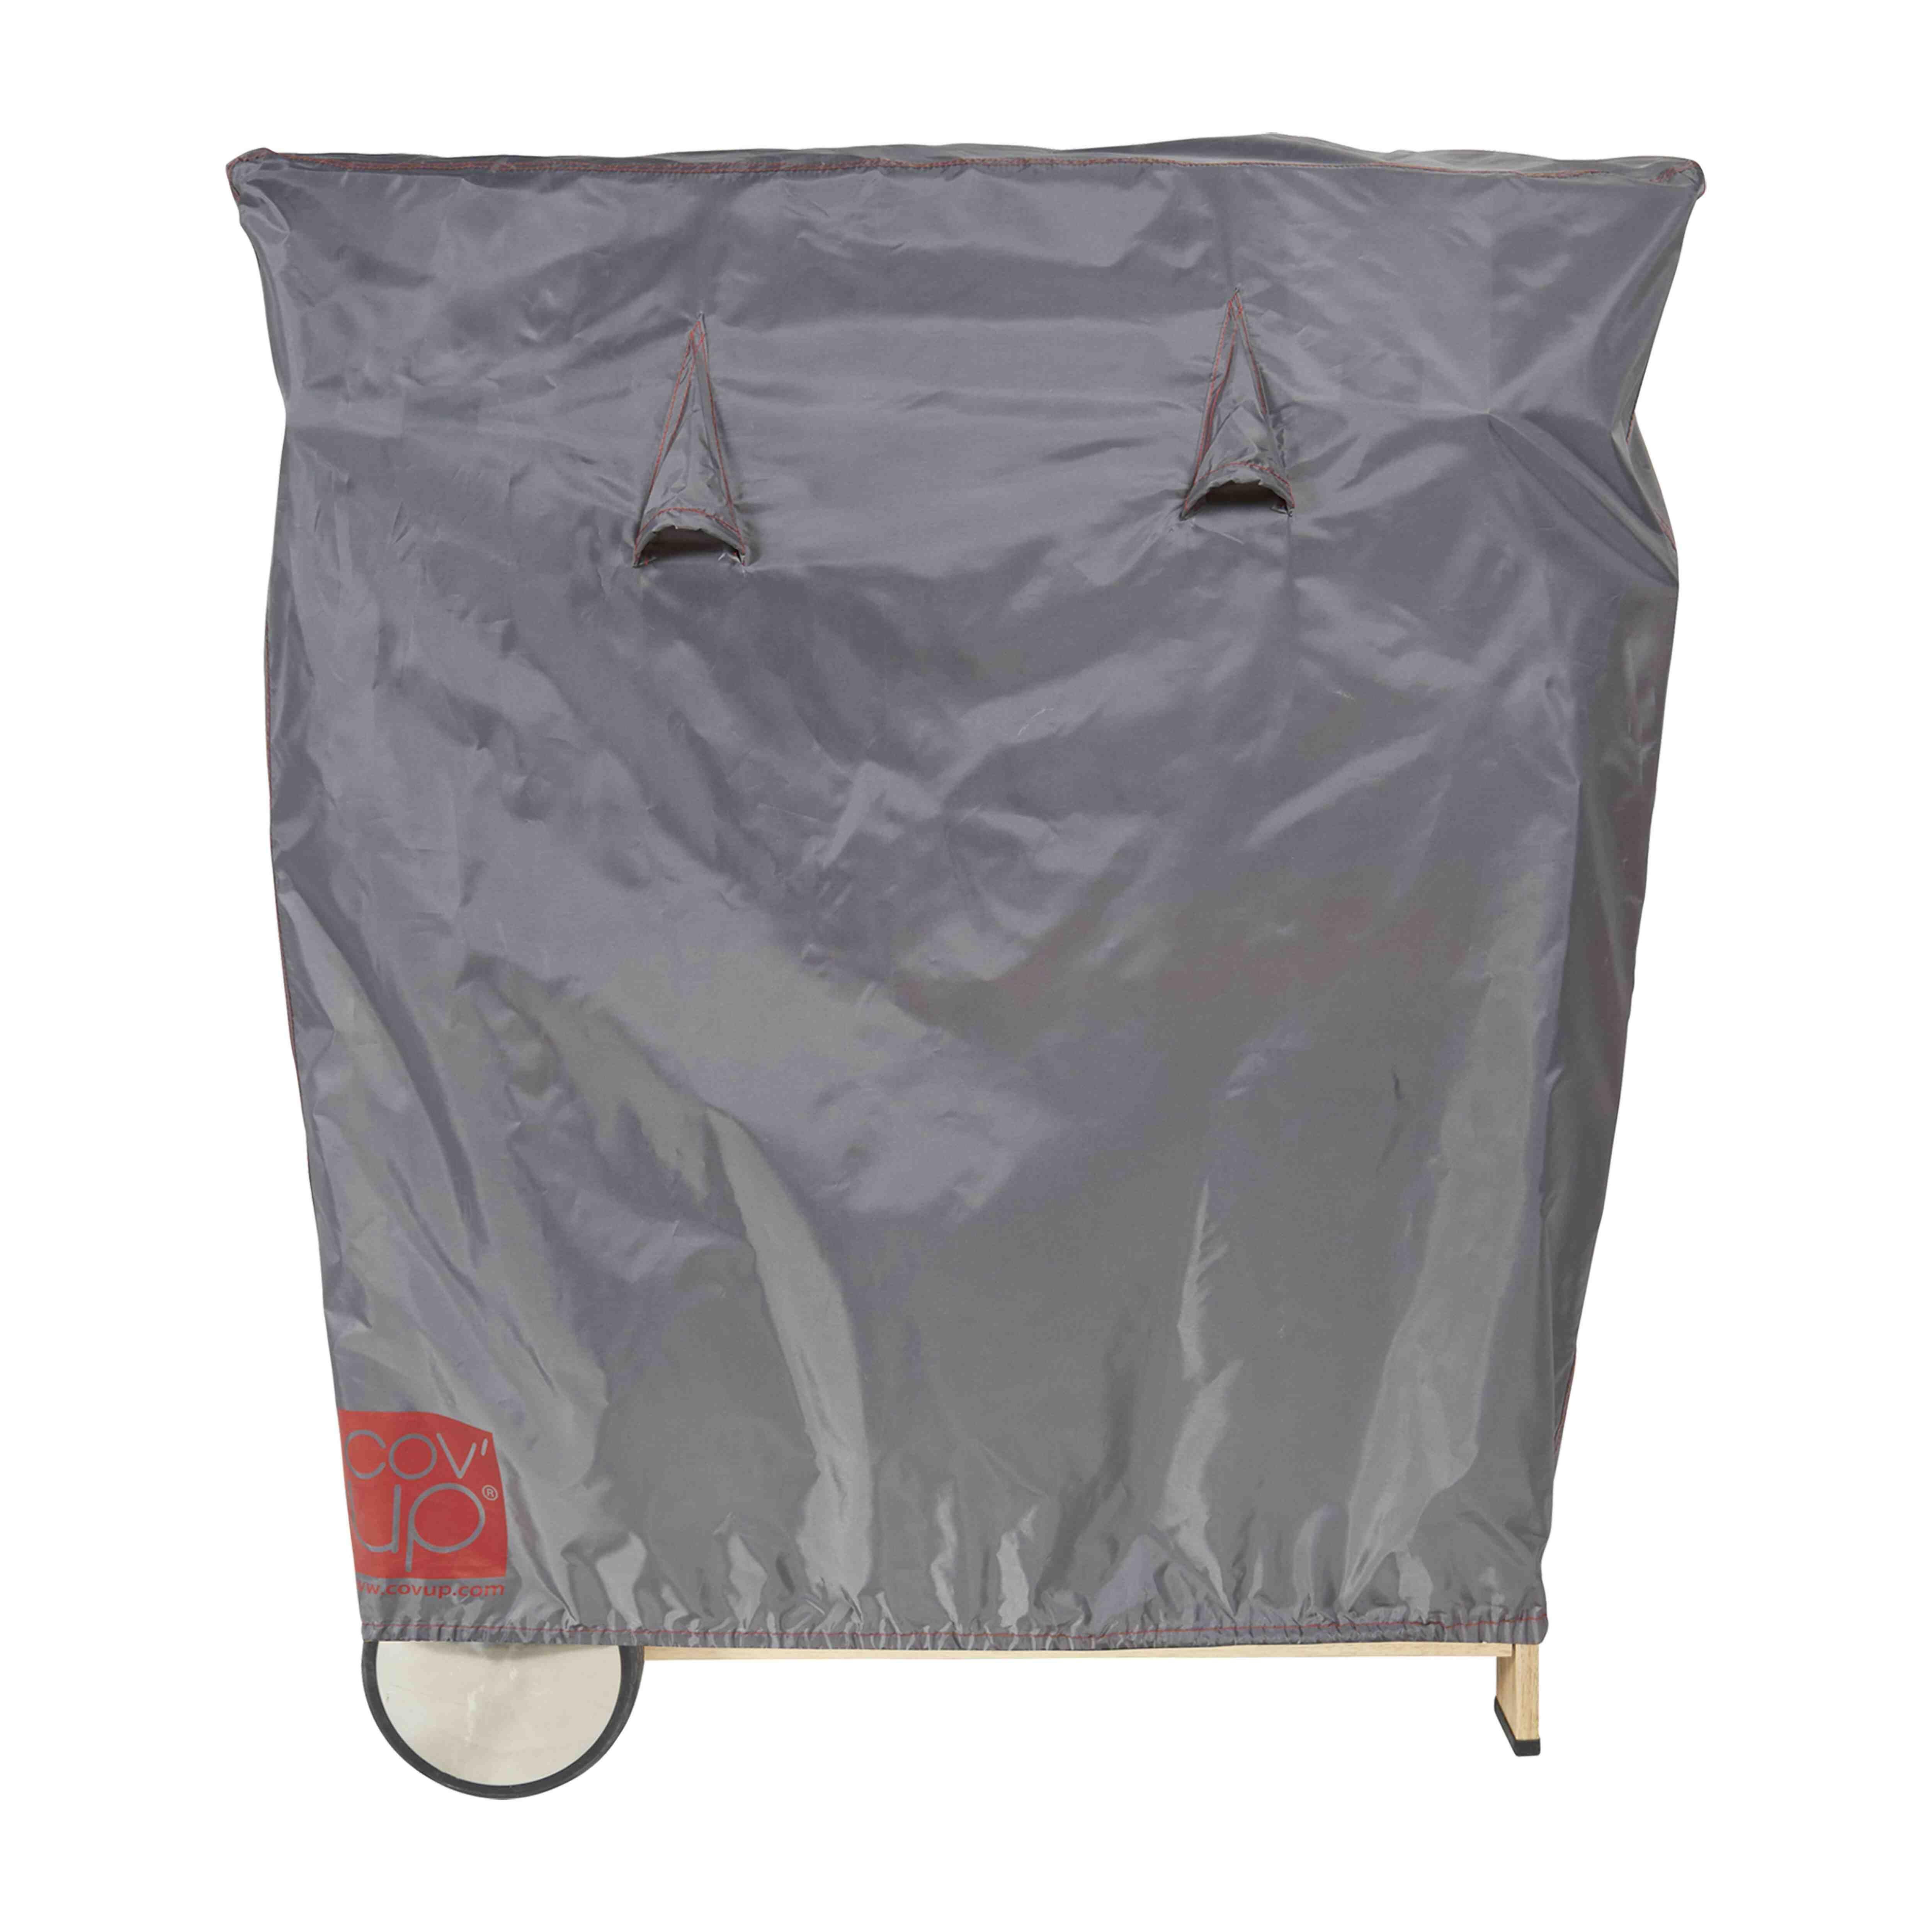 Housse de protection barbecue L 102 x 46 cm, Cov'Up